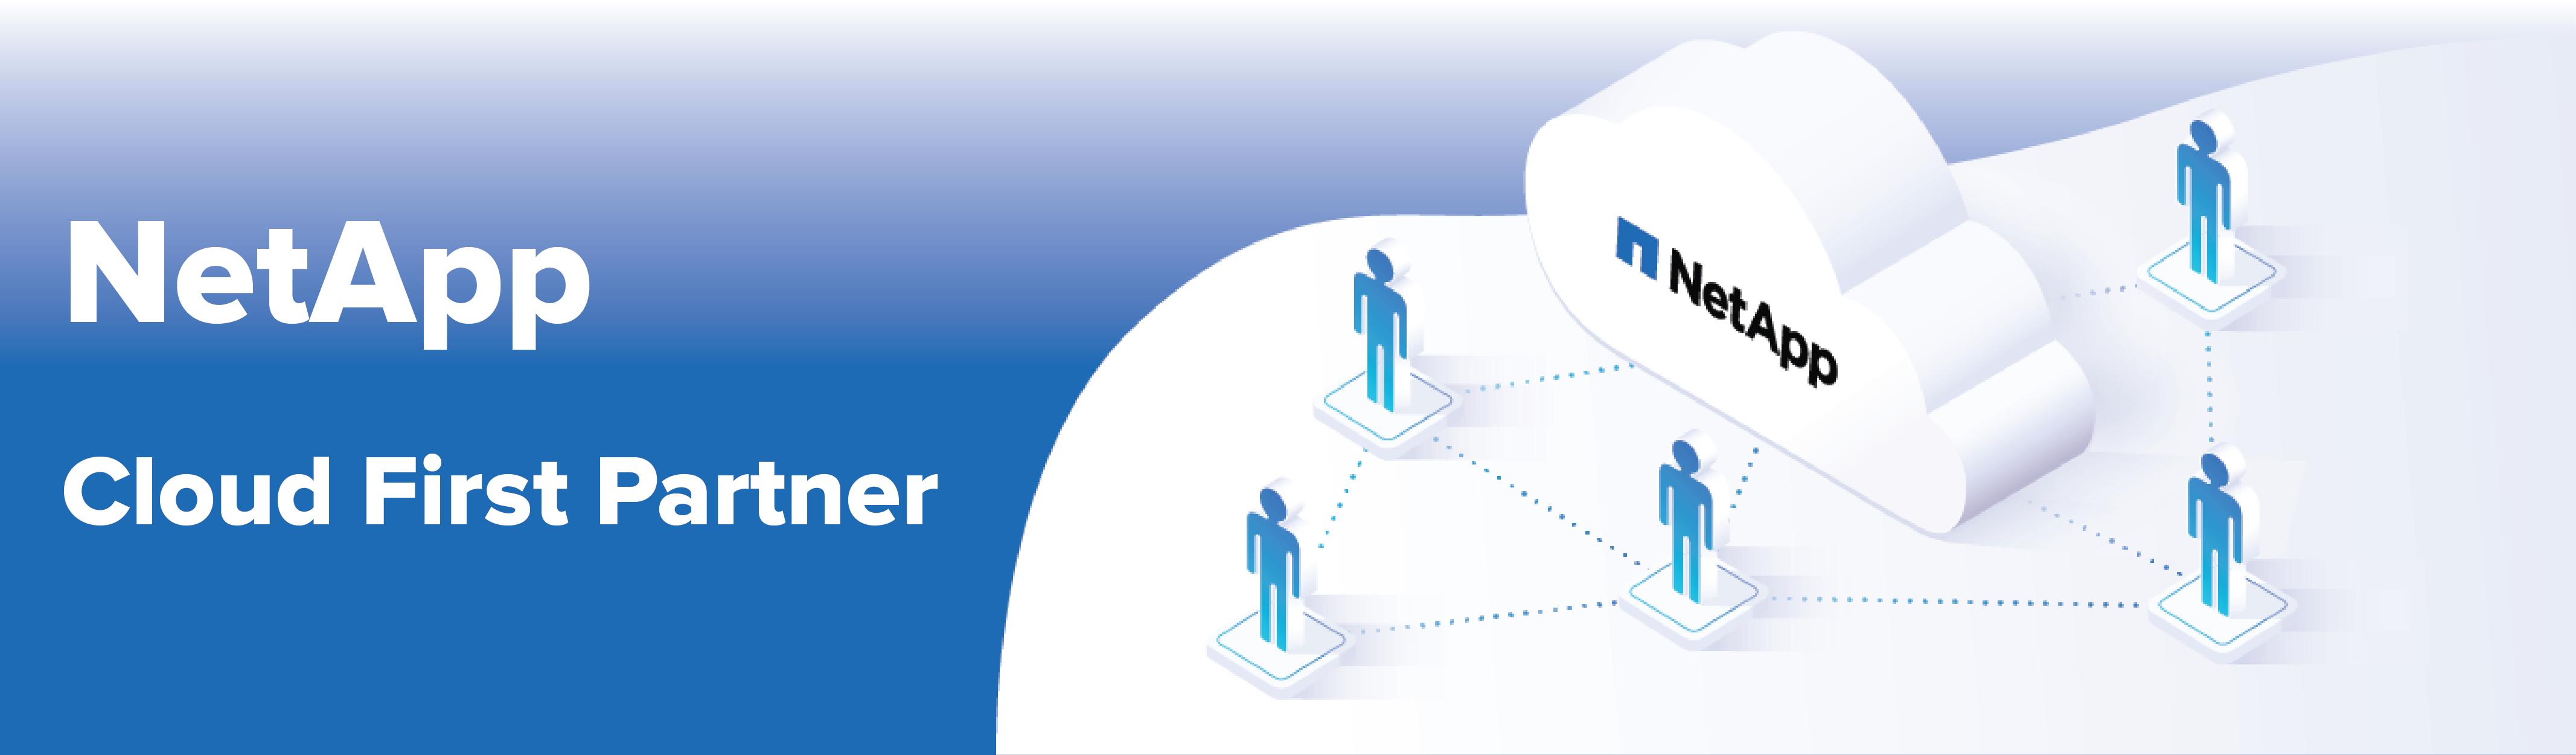 NetApp Cloud First Partner ALEF